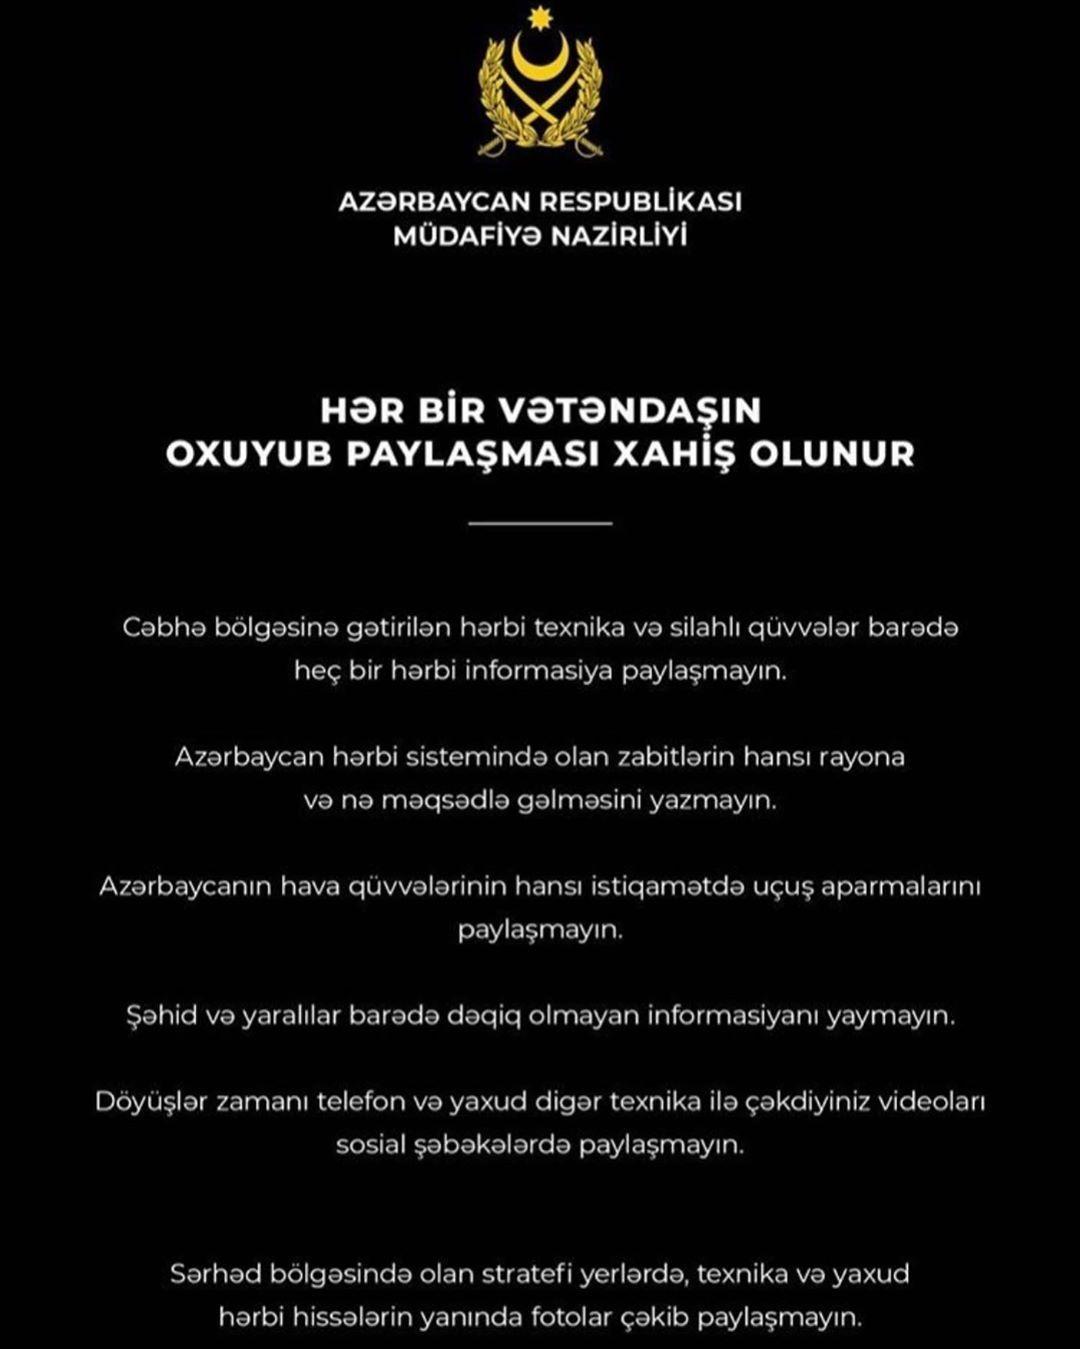 Aslan Ismayilov On Instagram Hər Bir Vətəndasin Oxuyub Paylasmasi Xahis Olunur Azərbaycan Respublikasi Mudafiə Nazirliyi Instagram Aslan Movie Posters